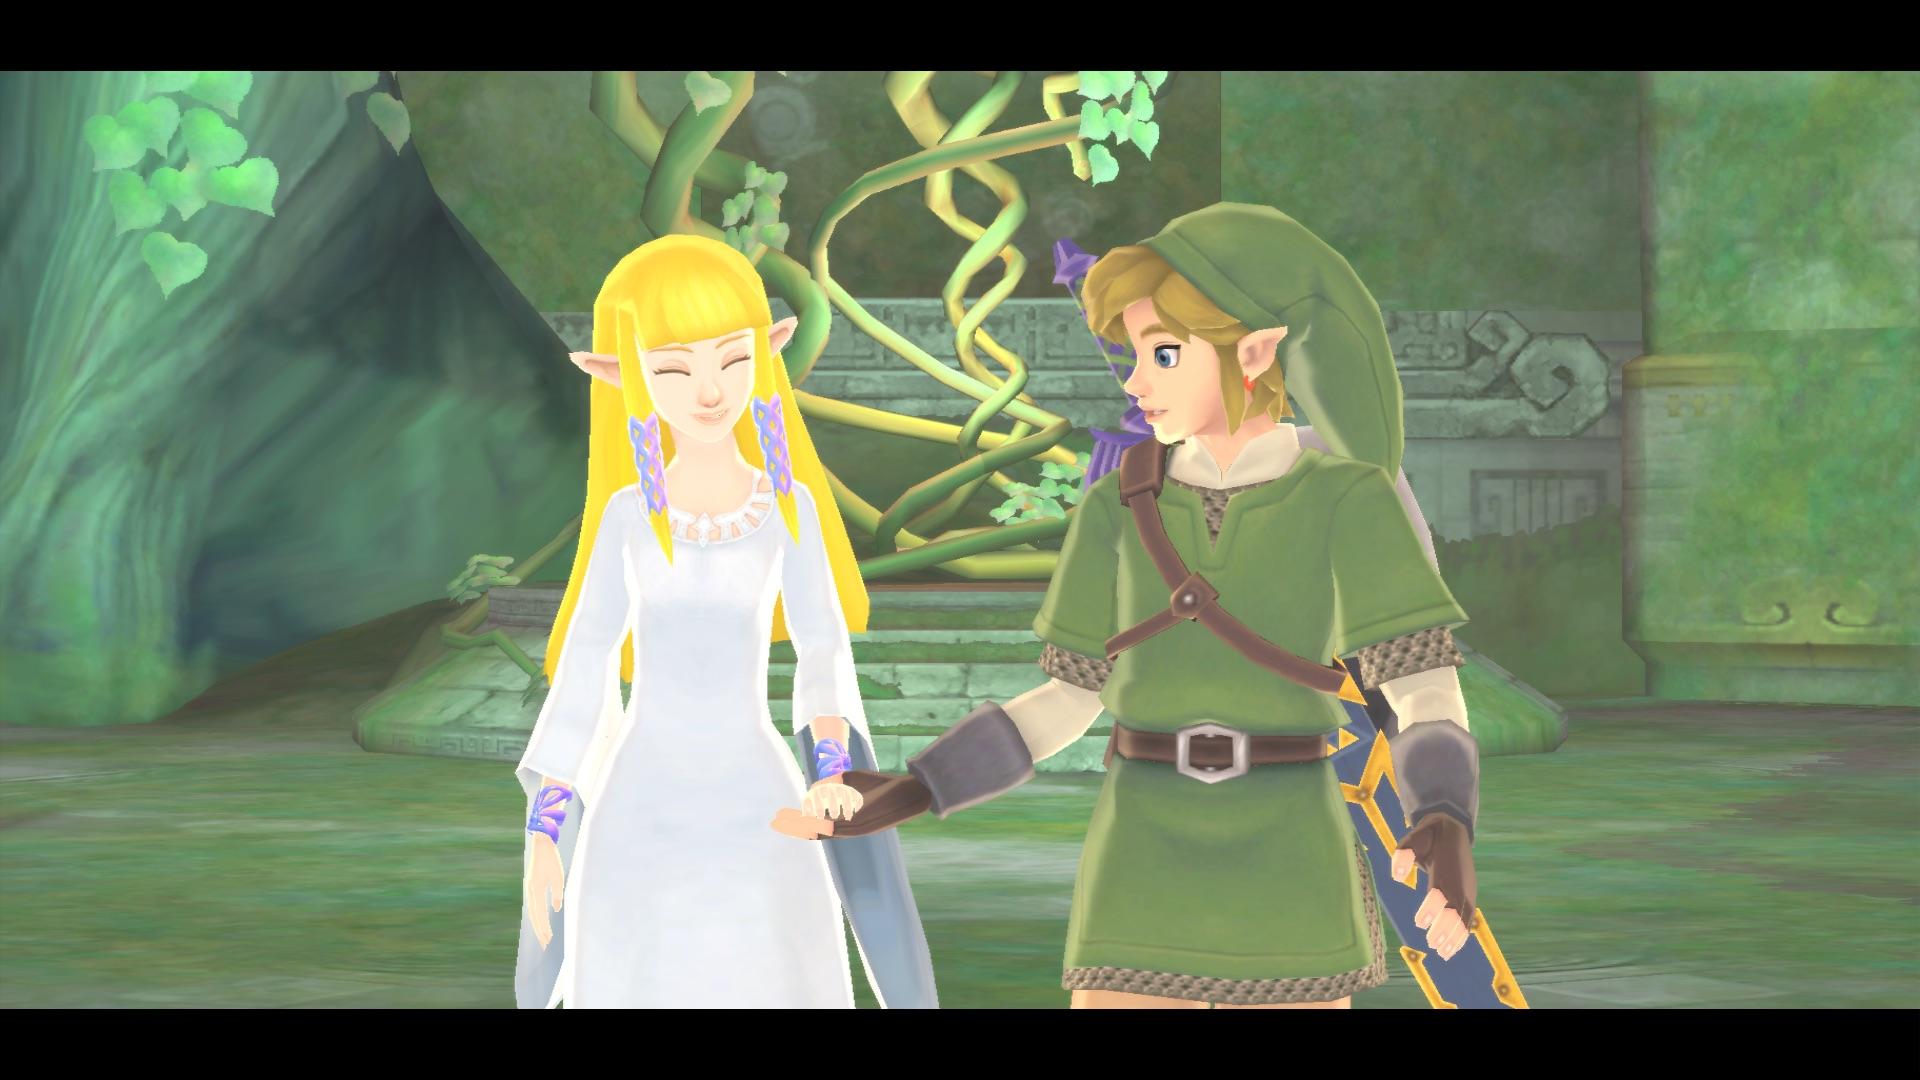 Skyward Sword is the Best Zelda Game - VGCultureHQ